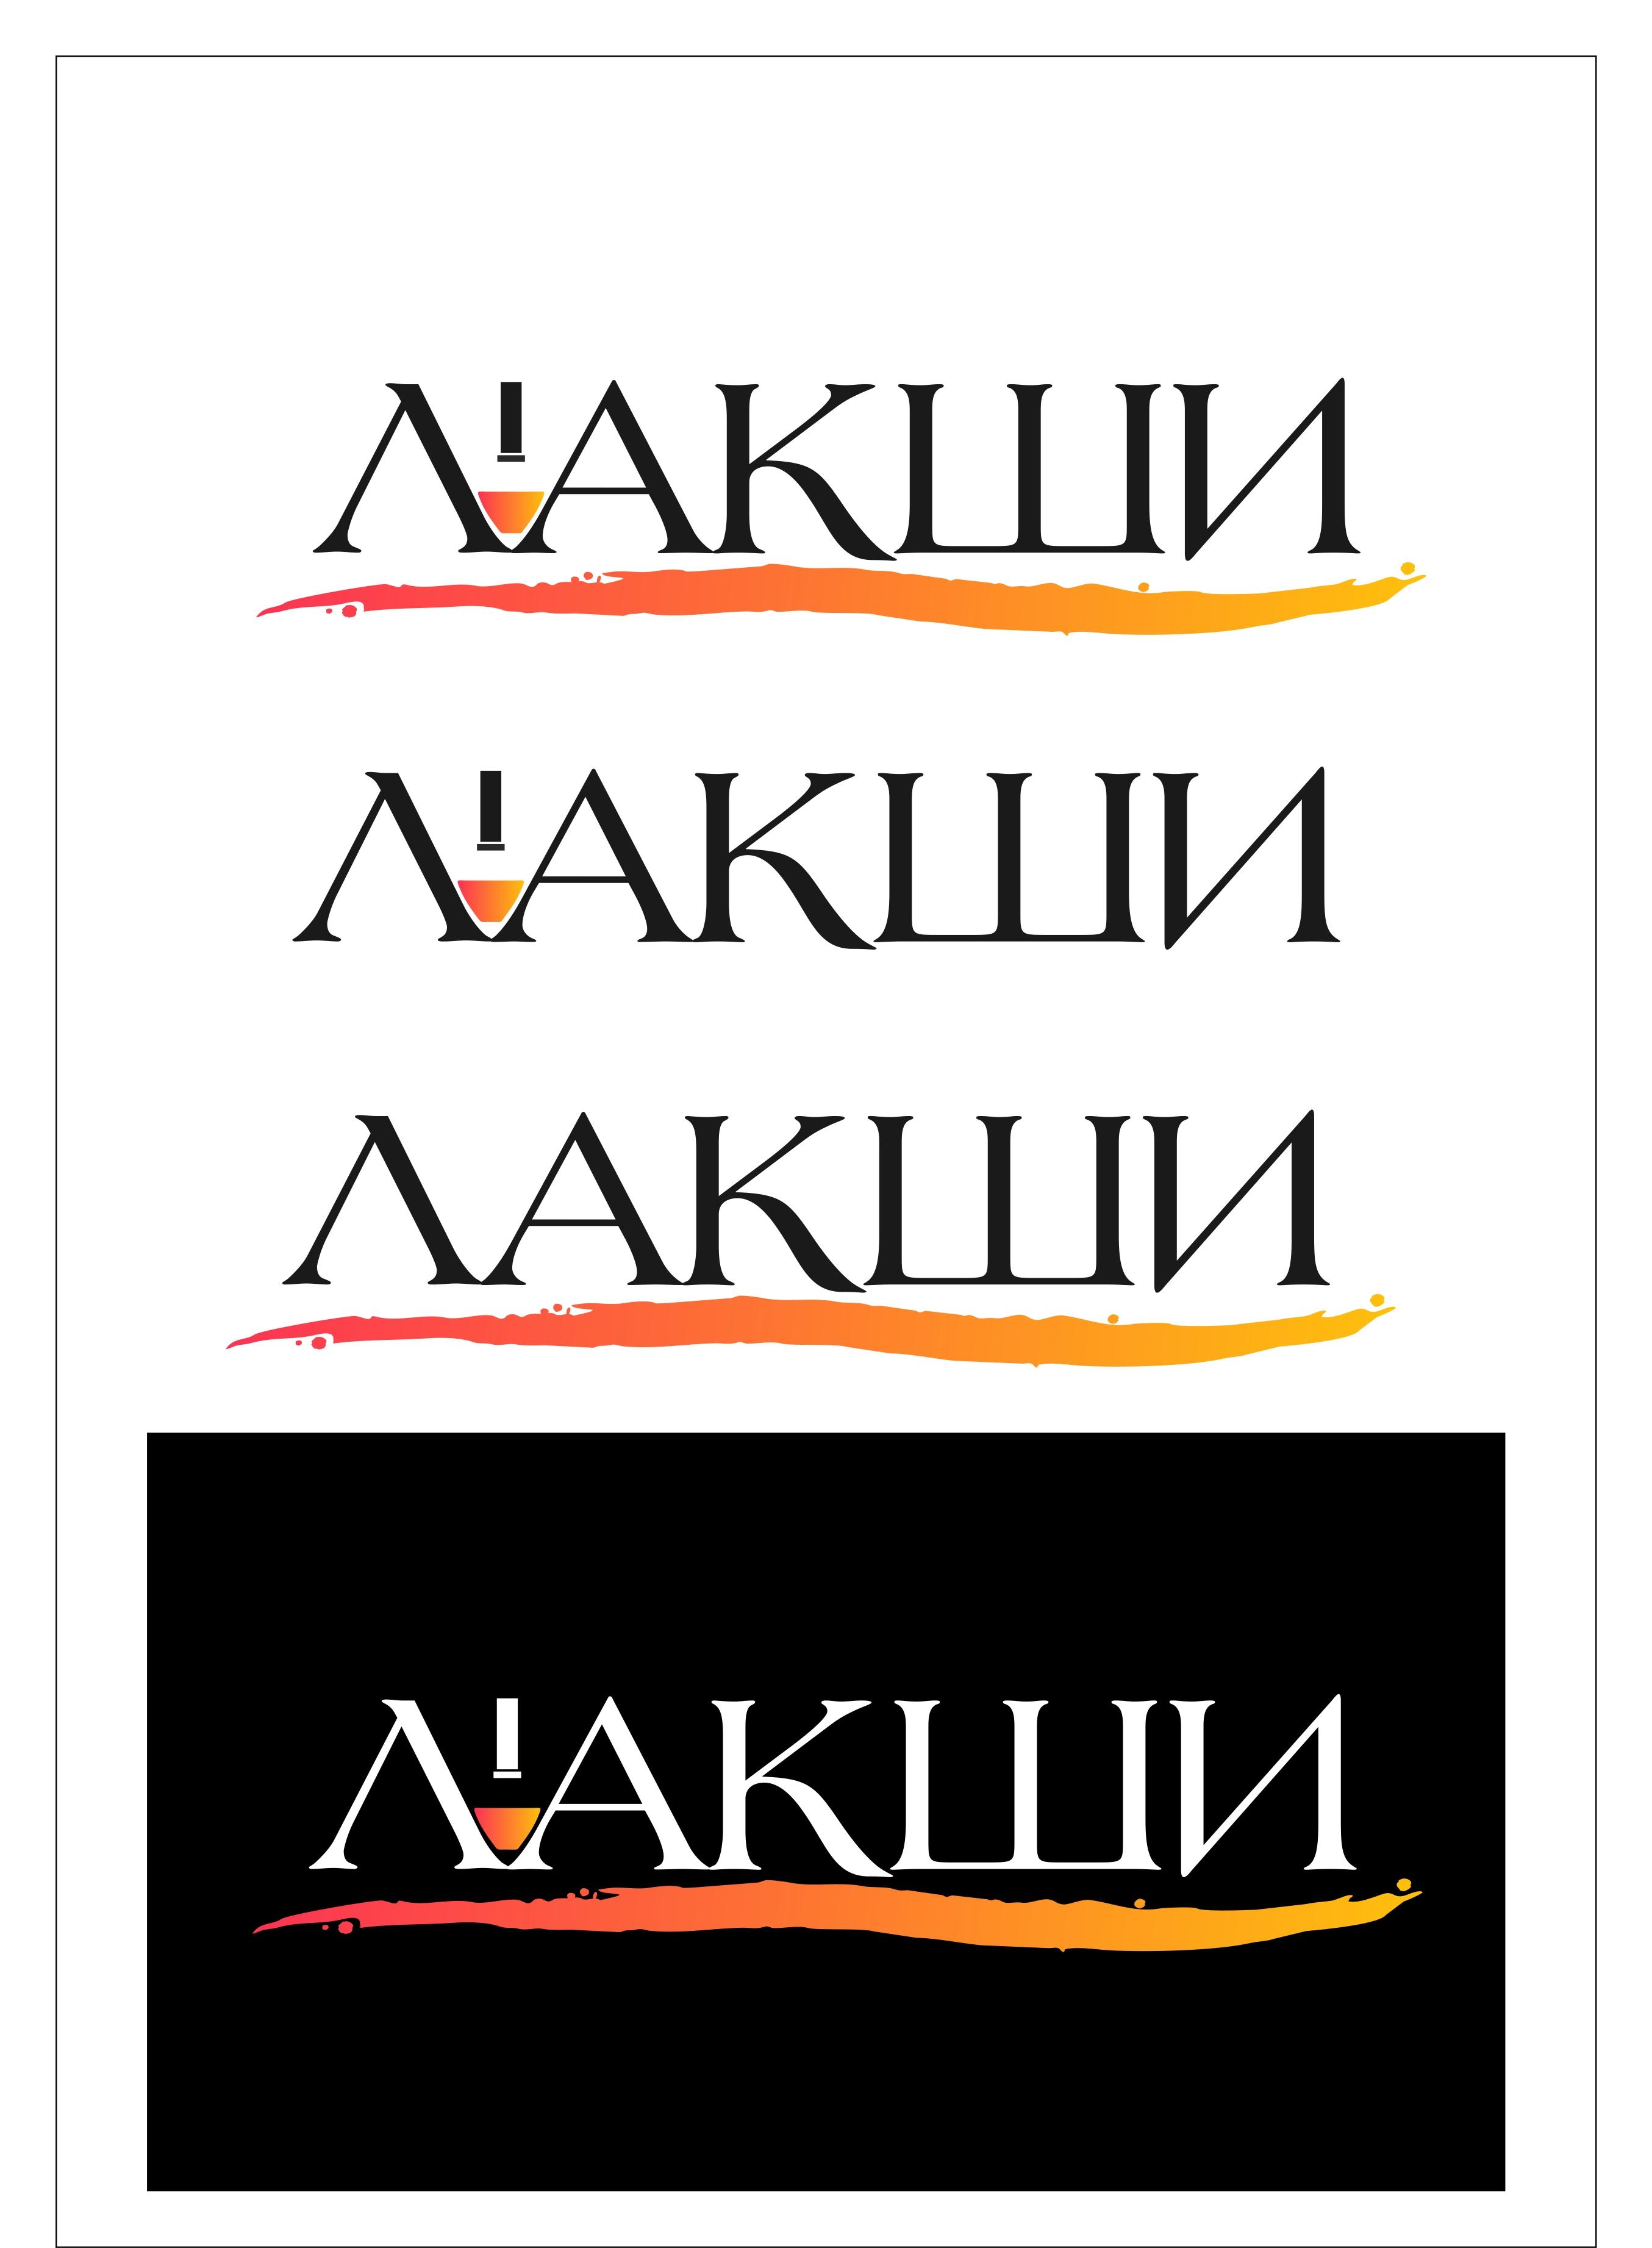 Разработка логотипа фирменного стиля фото f_0735c57eb0b1c701.jpg